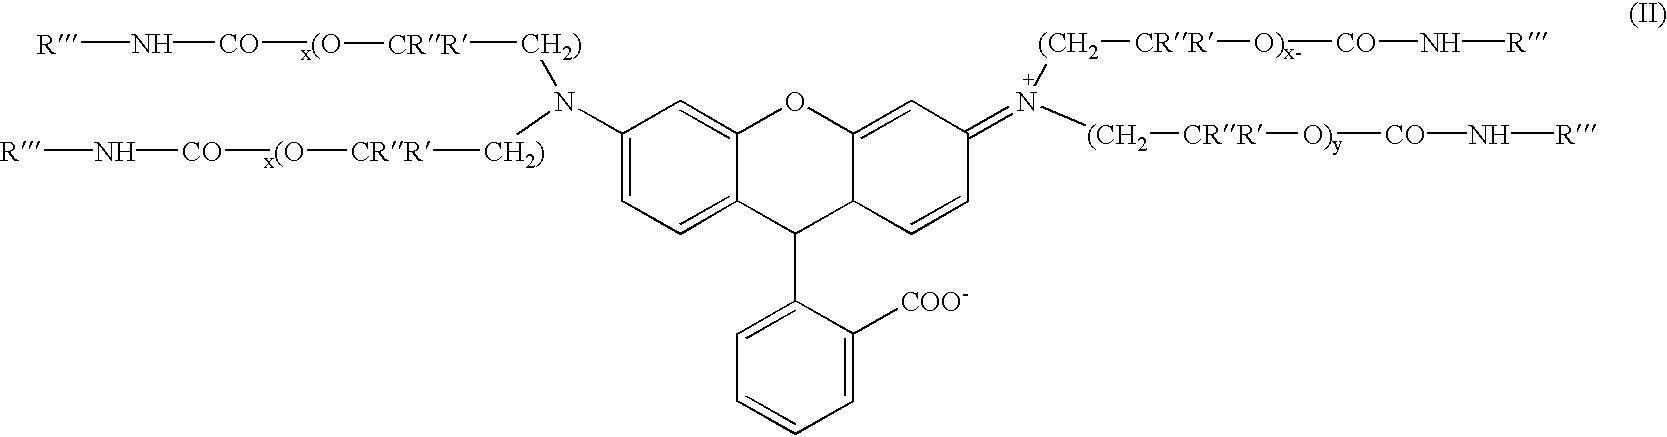 Figure US06605731-20030812-C00002